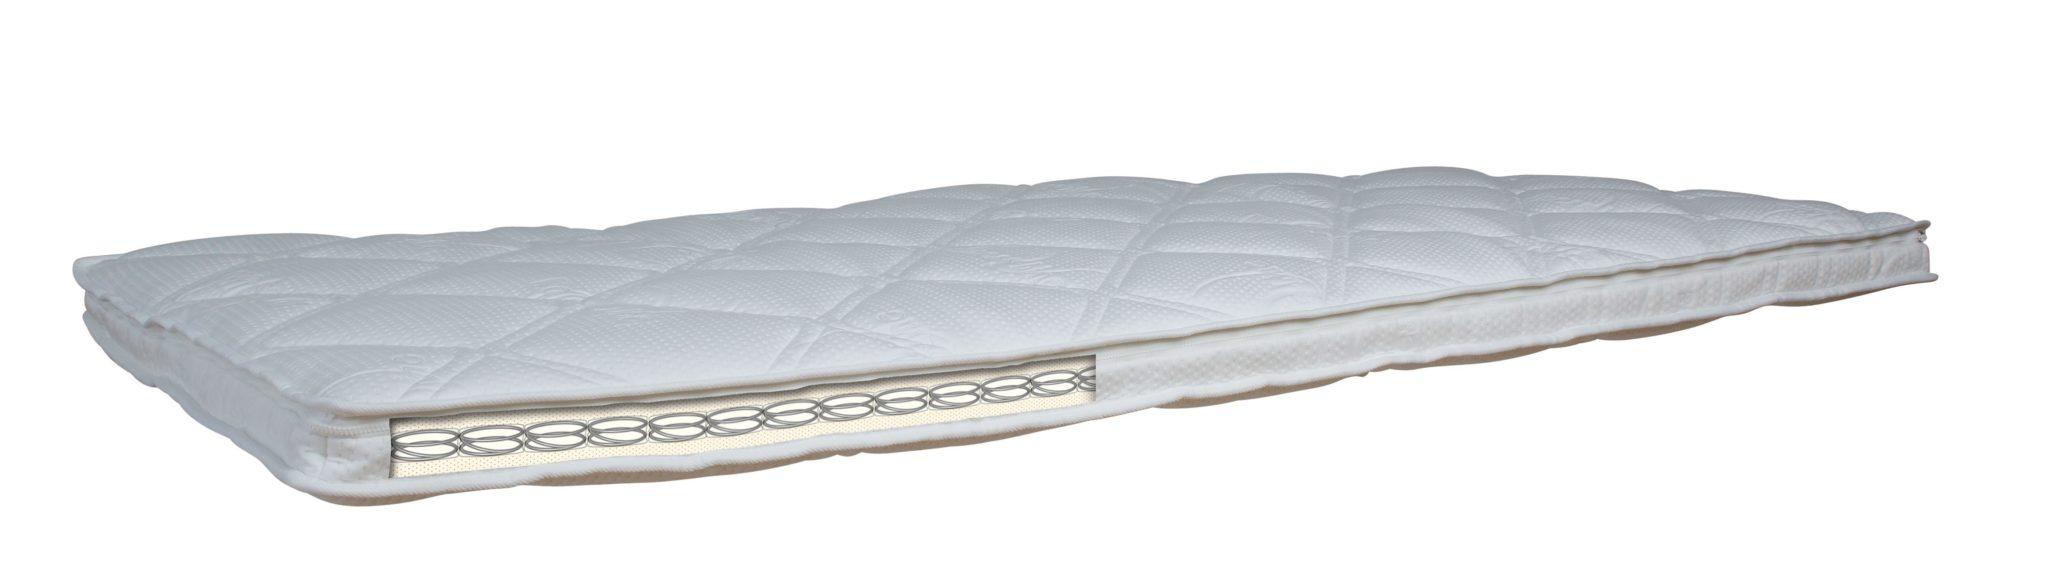 hml bedding topper vivace latex daunenspiel. Black Bedroom Furniture Sets. Home Design Ideas